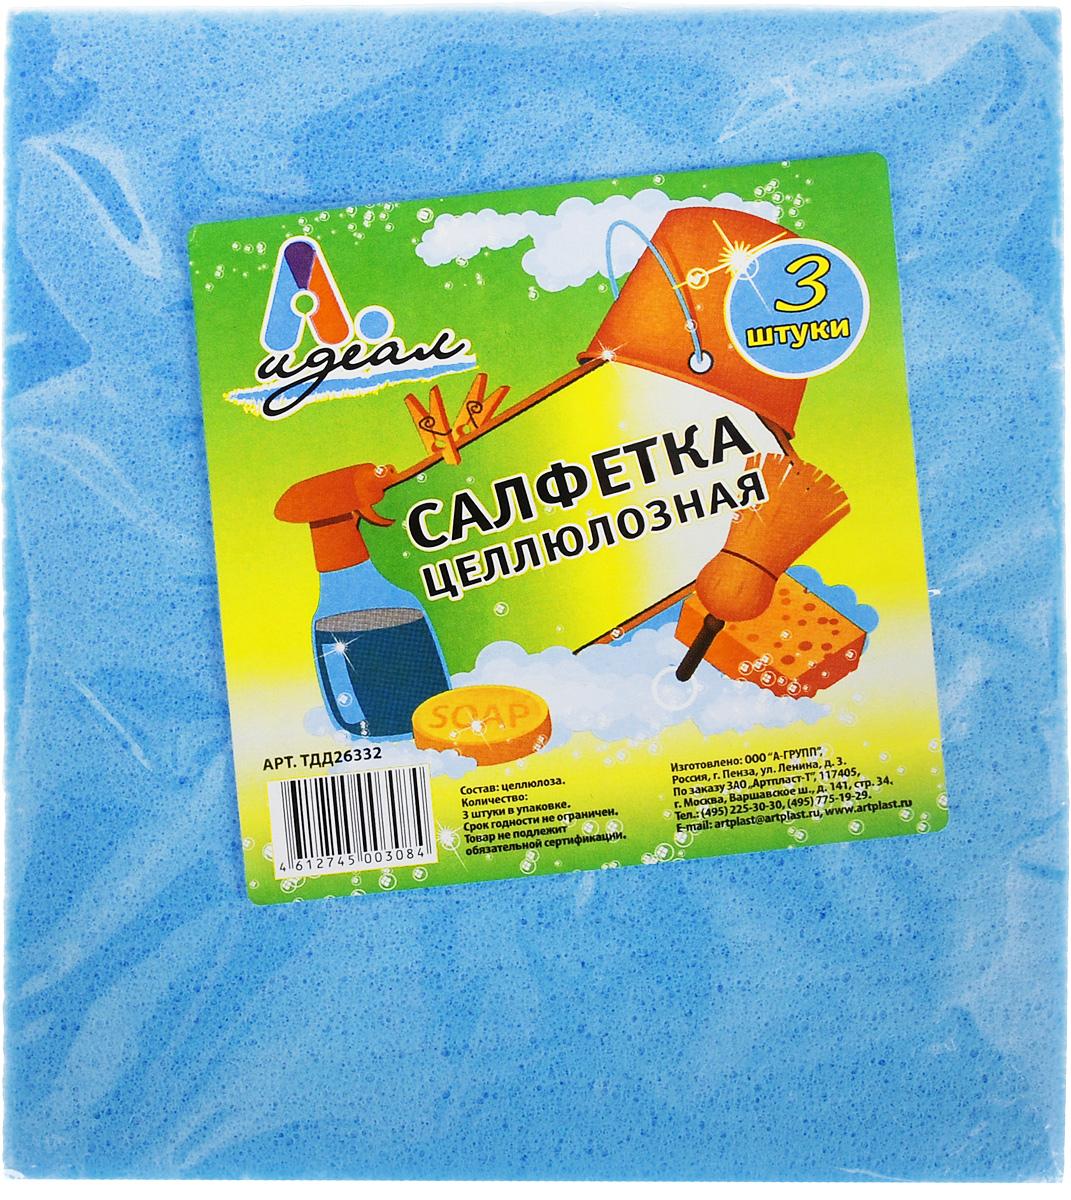 Салфетка губчатая Идеал, цвет: голубой, 15 х 18 см, 3 шт391602Салфетка губчатая Идеал изготовлена из целлюлозы. Салфетка хорошо впитывает влагу, не оставляет разводов и ворсинок. Можно использовать для сухой или влажной уборки любых поверхностей с моющими средствами или без них.